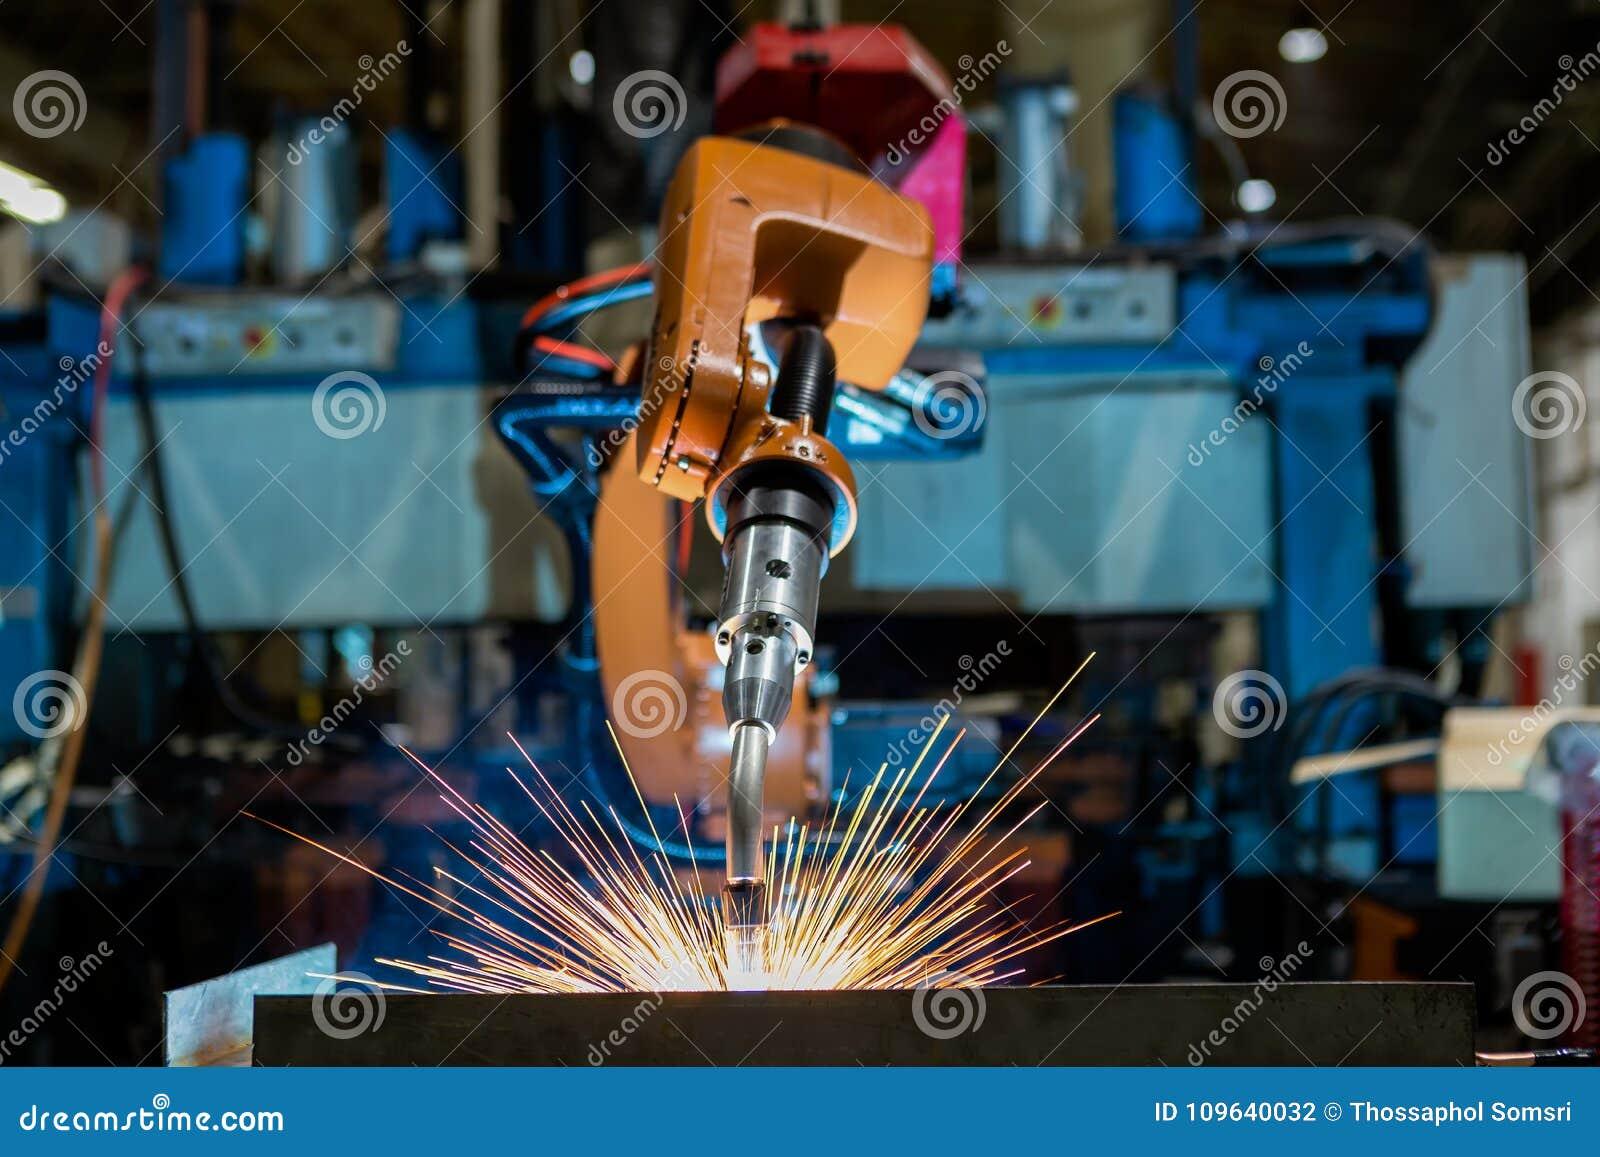 Le robot industriel en gros plan soude dans une usine de voiture